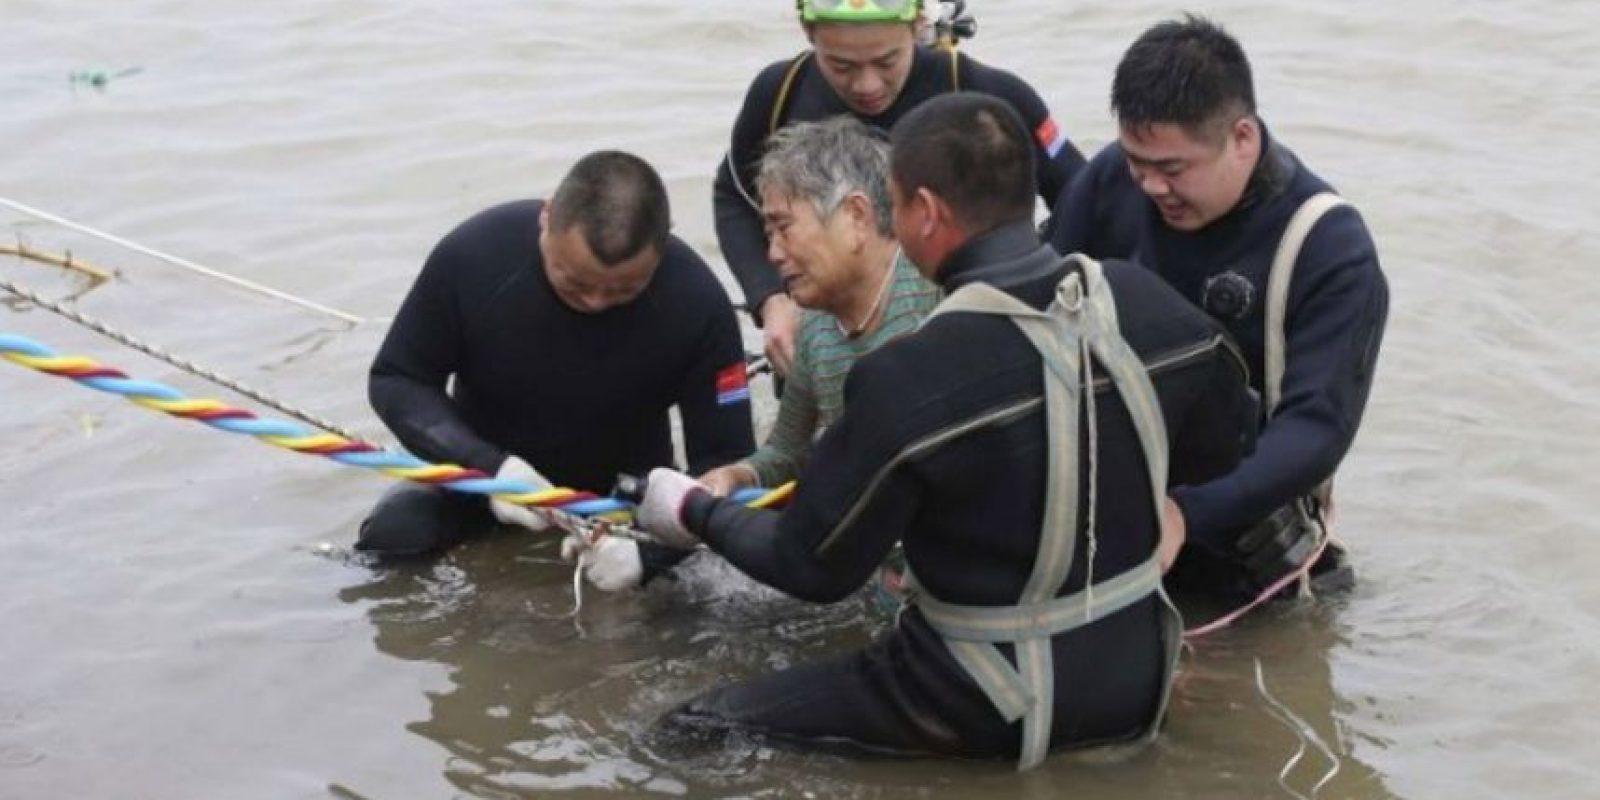 Los familiares de las víctimas denuncian la falta de información por parte de las autoridades. Foto:AFP